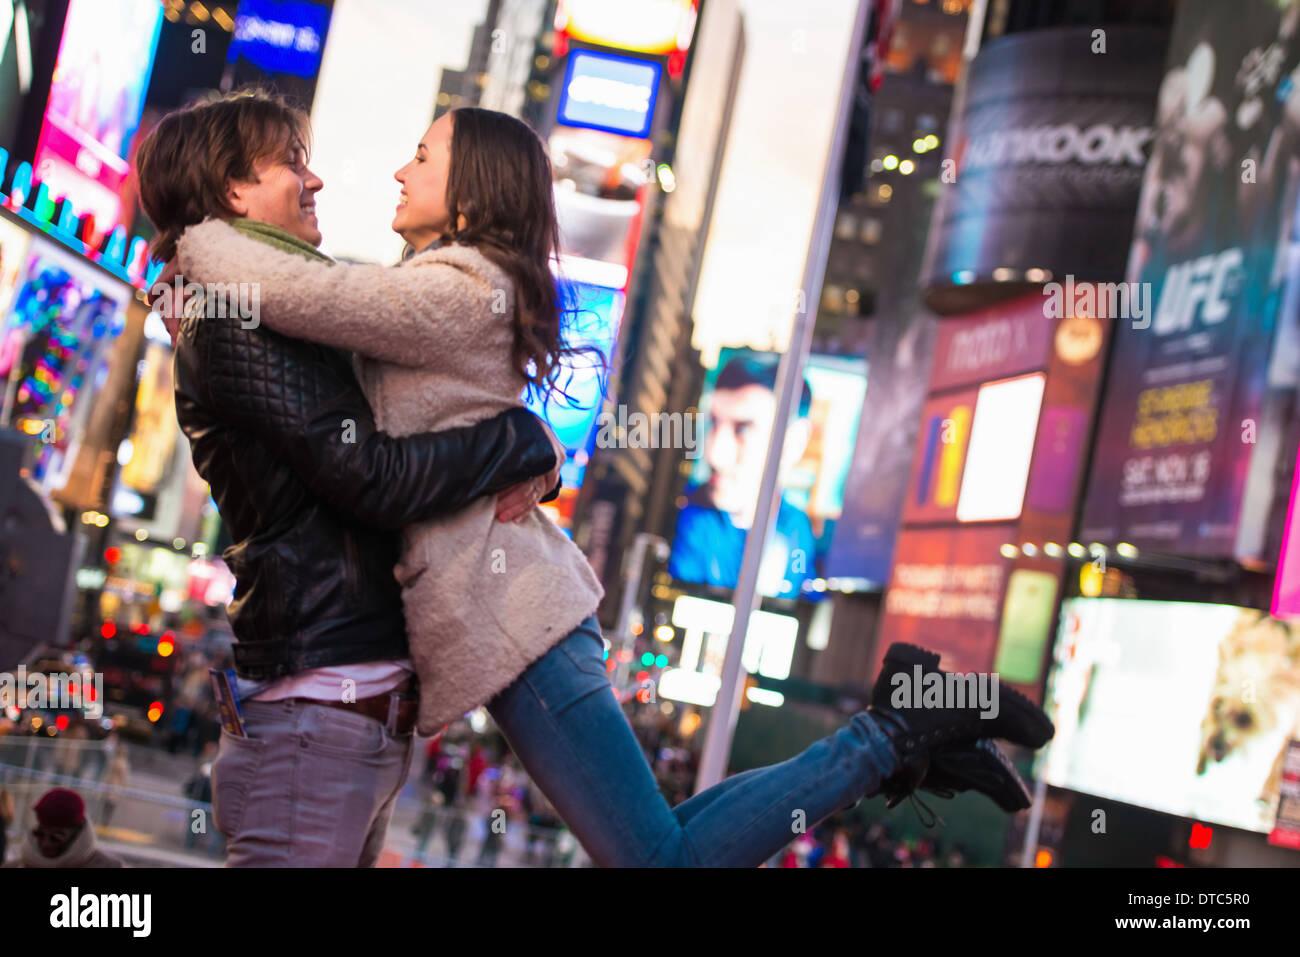 Young tourist couple embracing, New York City, USA - Stock Image